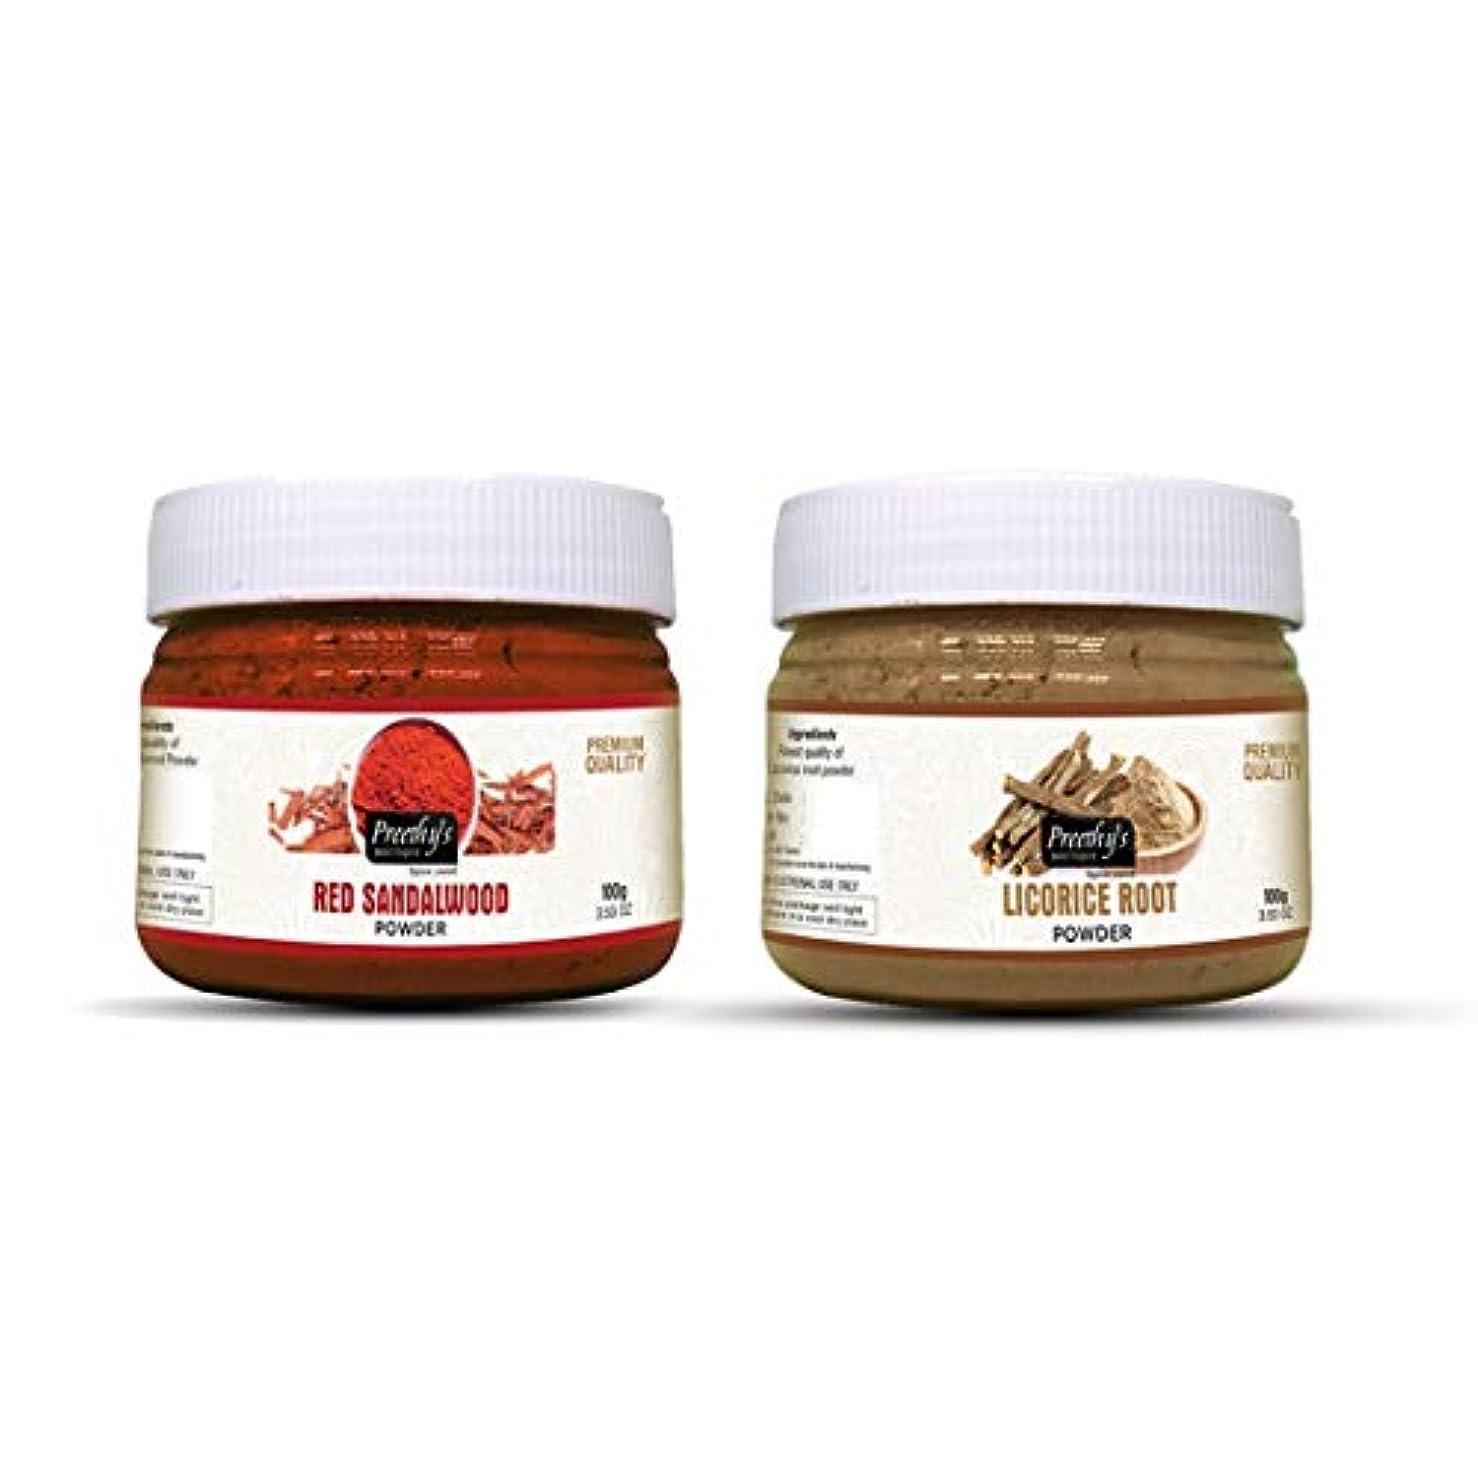 カウンターパート護衛無視できるCombo offer Of Licorice root powder 100gm & Red sandalwood powder 100gm - Natural Remedies for Skin Disorders,...